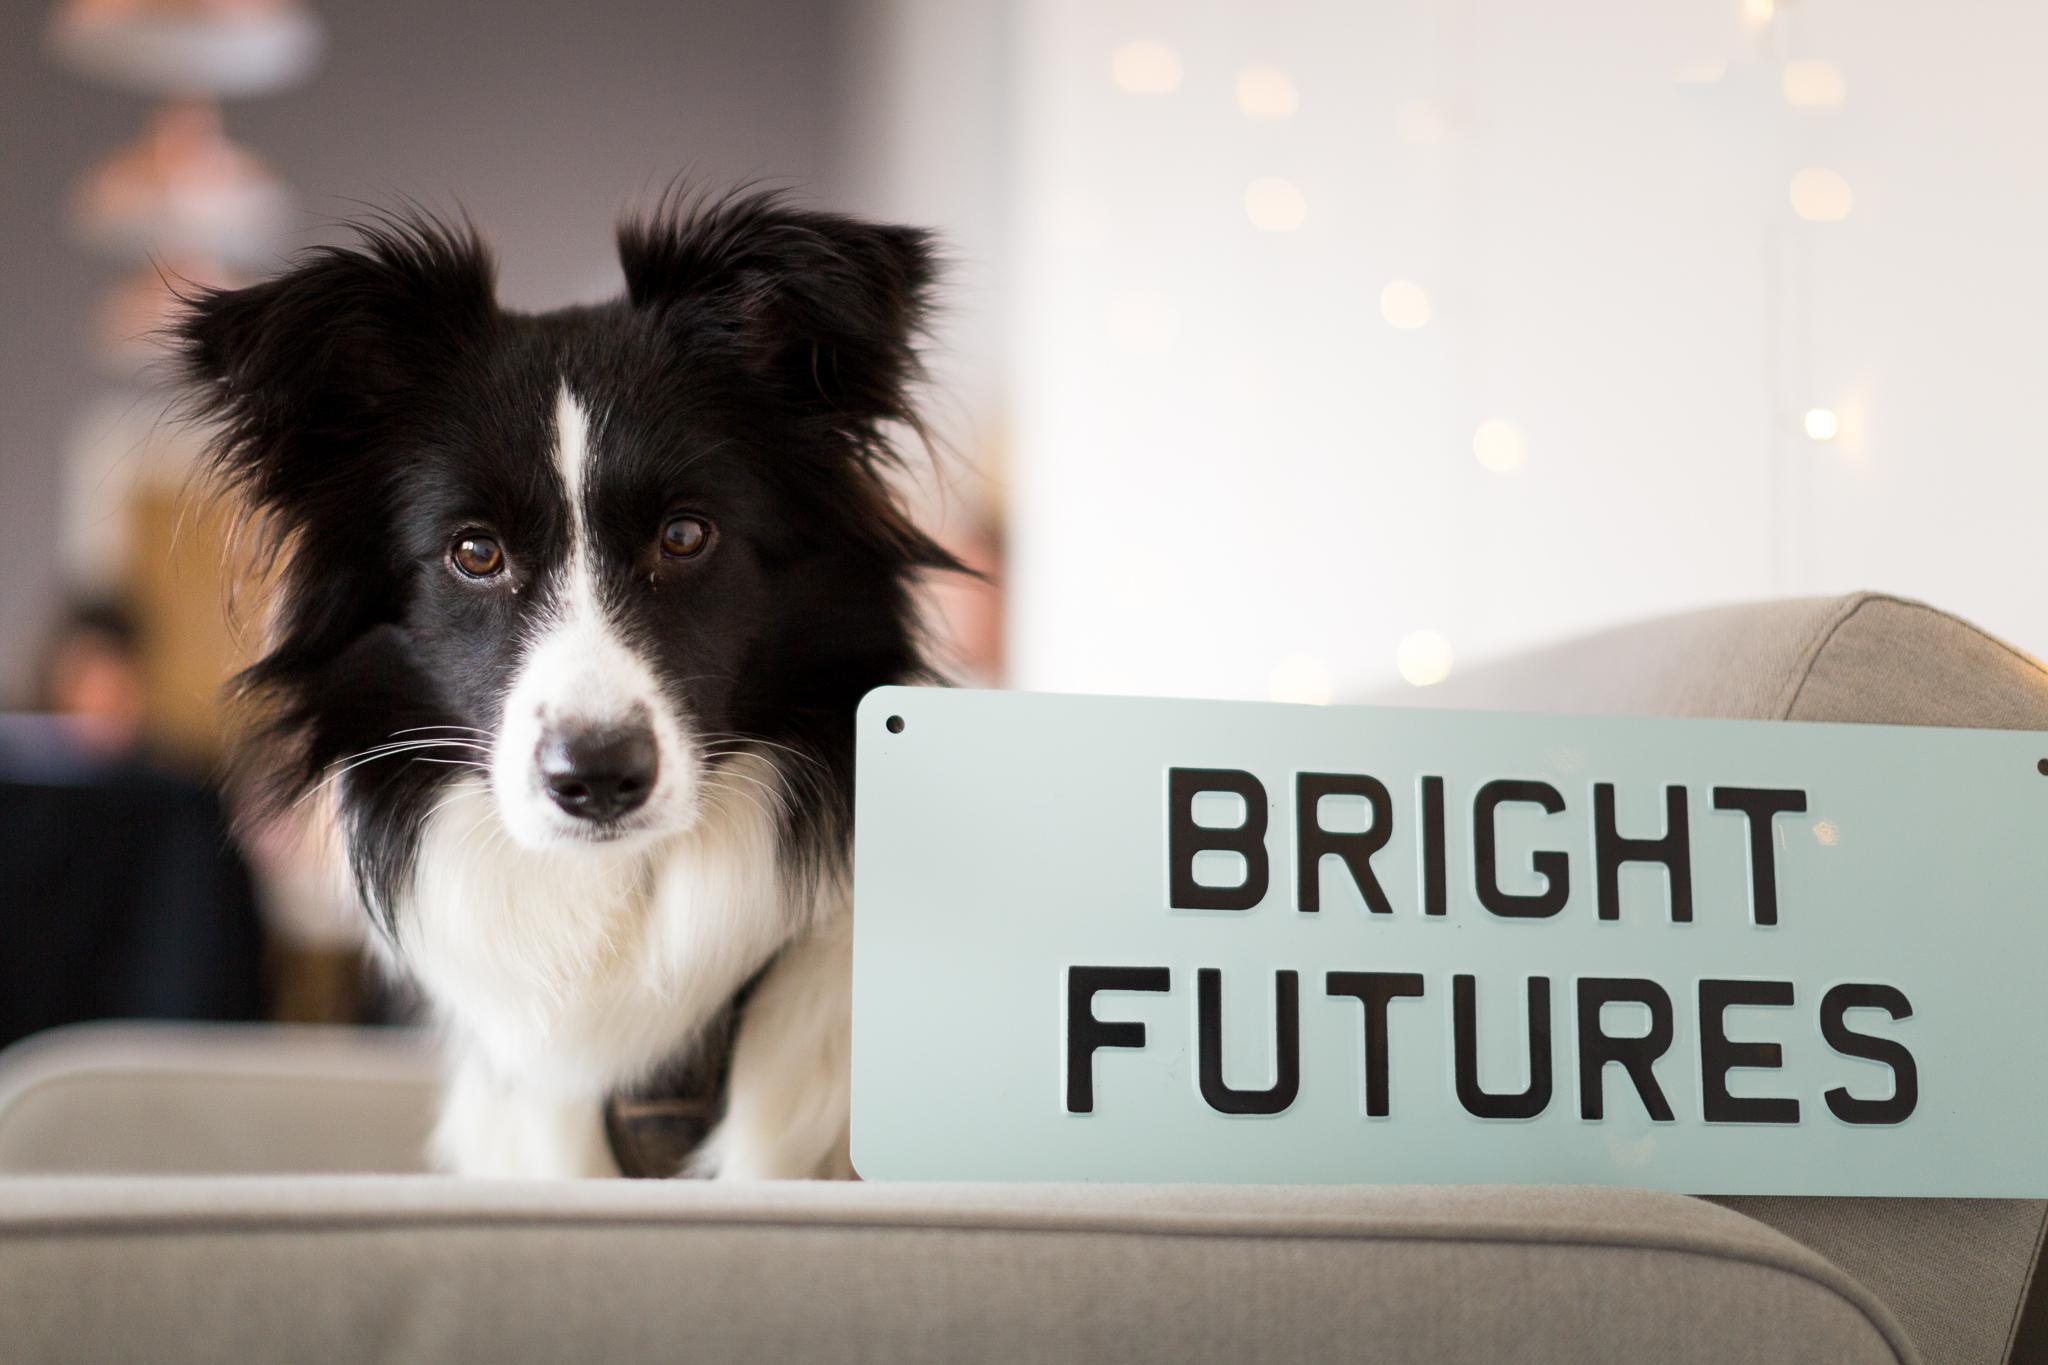 BRIGHT-FUTURES-CONSULTANCY-310118-0011.jpg